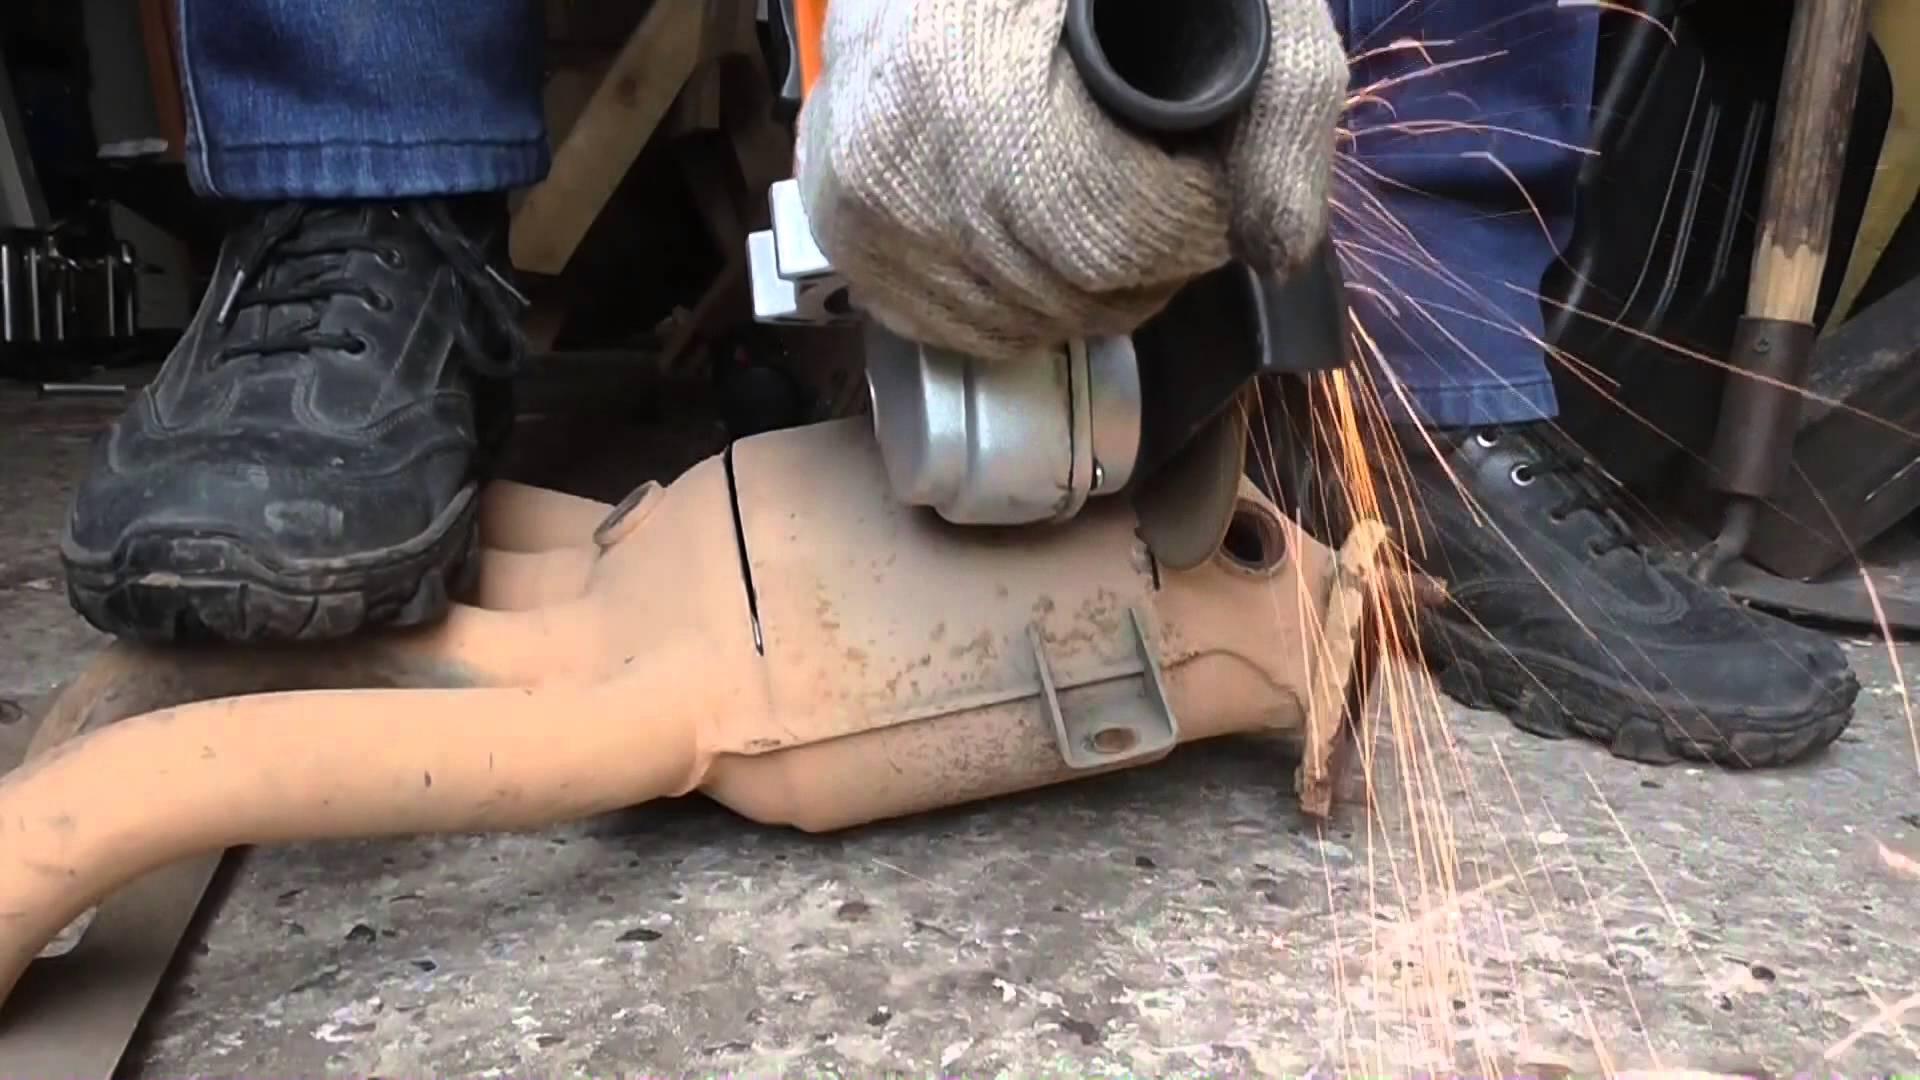 последствия пробивки катализатора на форд мондео3 автомобиле #5